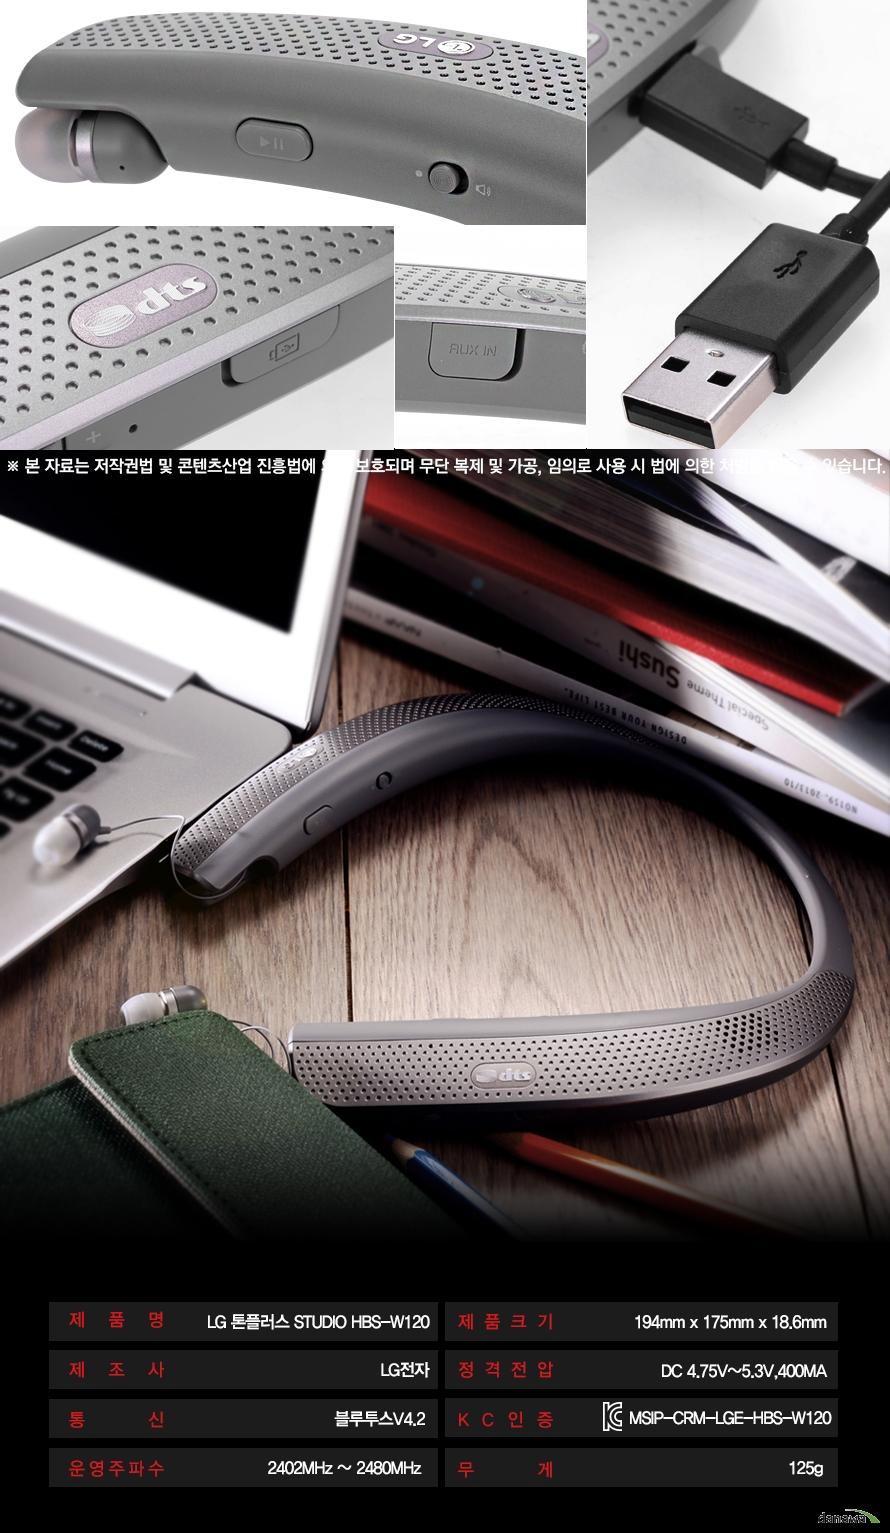 본 자료는 저작권법 및 콘텐츠산업 진흥법에 의해 보호되며 무단 복제 및 가공, 임의로 사용 시 법에 의한 처벌을 받을 수 있습니다.제품명 LG톤플러스 STUDIO HBS-W120제조사 LG전자통신 블루투스V4.2운영주파수 2402MHZ ~ 2480MHZ제품크기 가로 194MM 세로 175MM 두깨 18.6MM정격전압 DC 4.75V~ 5.3V, 400MAKC인증 MSIP-CRM-LGE-HBS-W120무게 125g